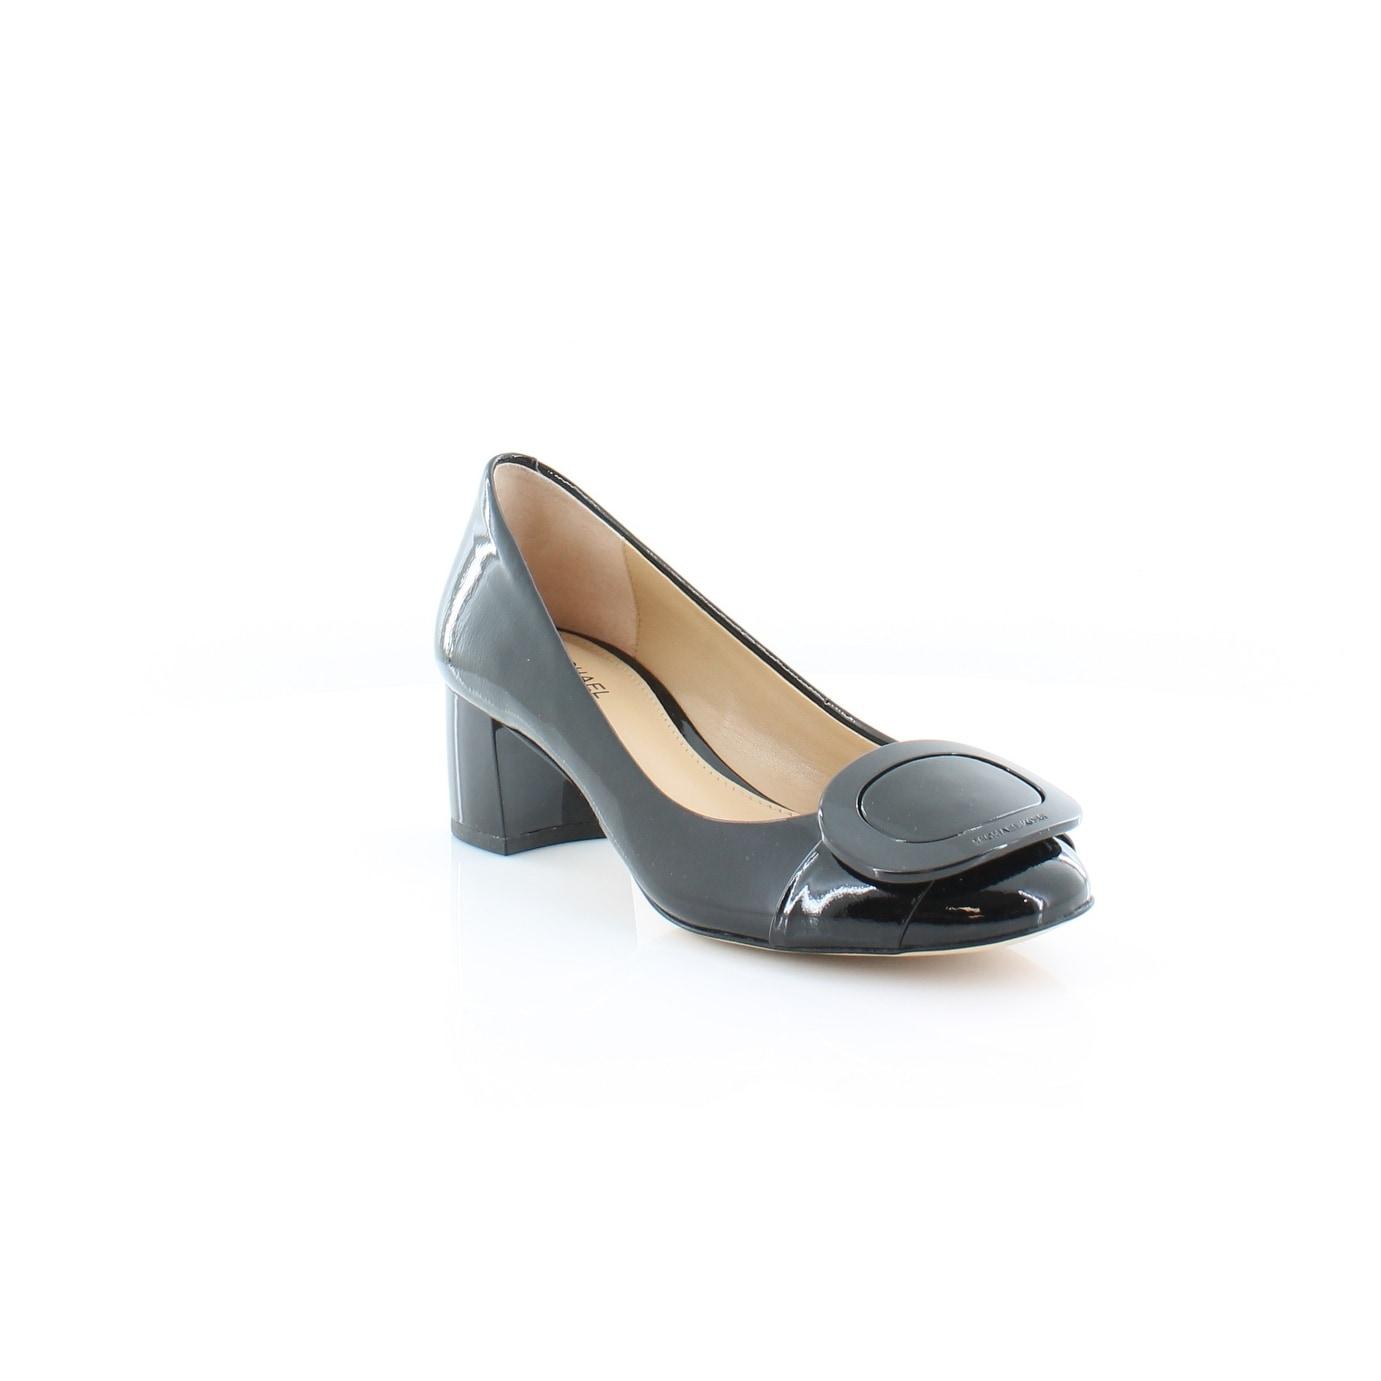 7fb7d6a93705 Buy MICHAEL Michael Kors Women s Heels Online at Overstock